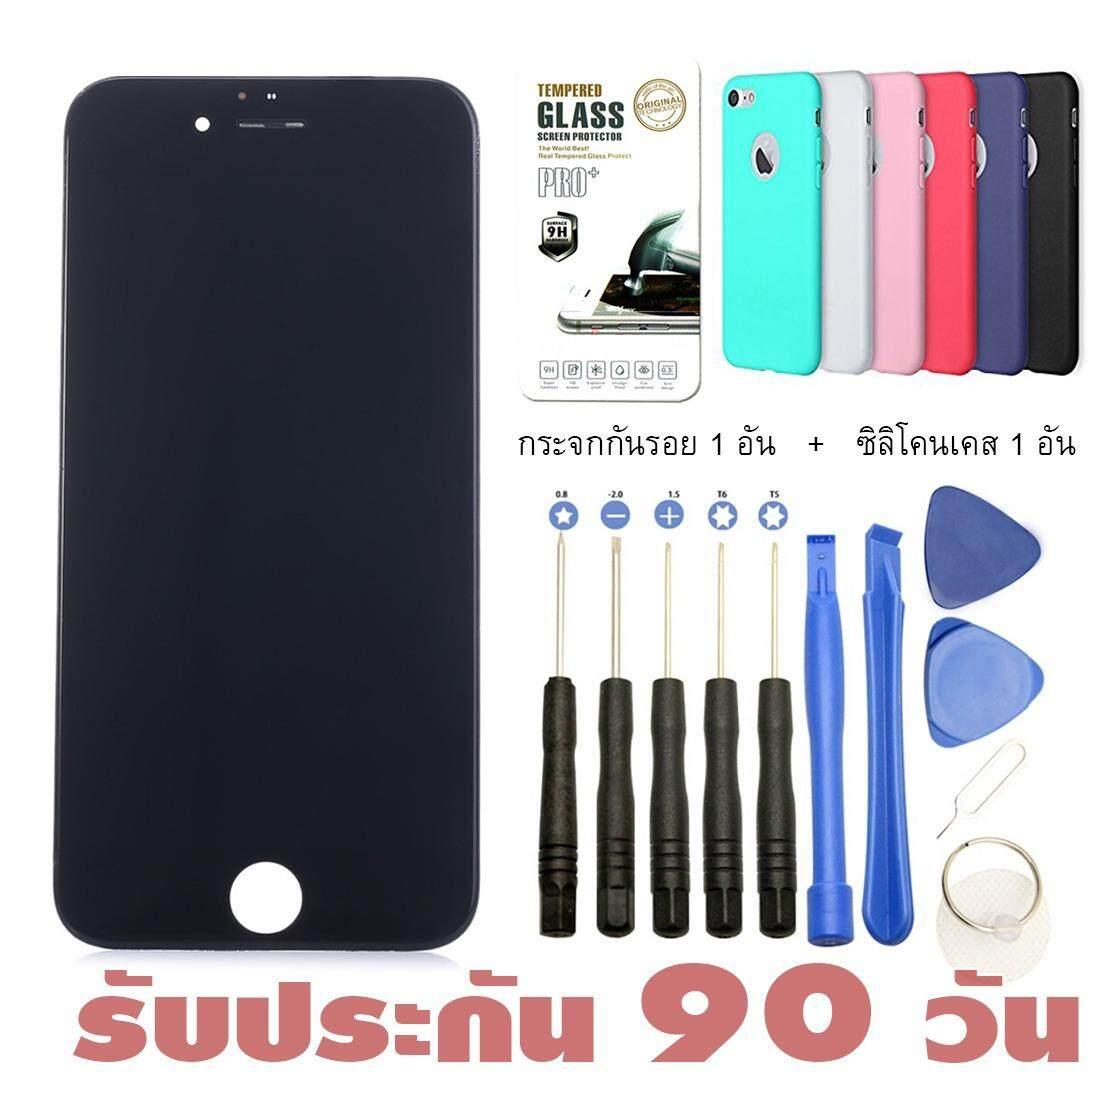 ราคา ประกัน 90 วัน Iphone 6 Lcd หน้าจอไอโฟน 6 ทัสกรีน สีดำ ใหม่ ถูก